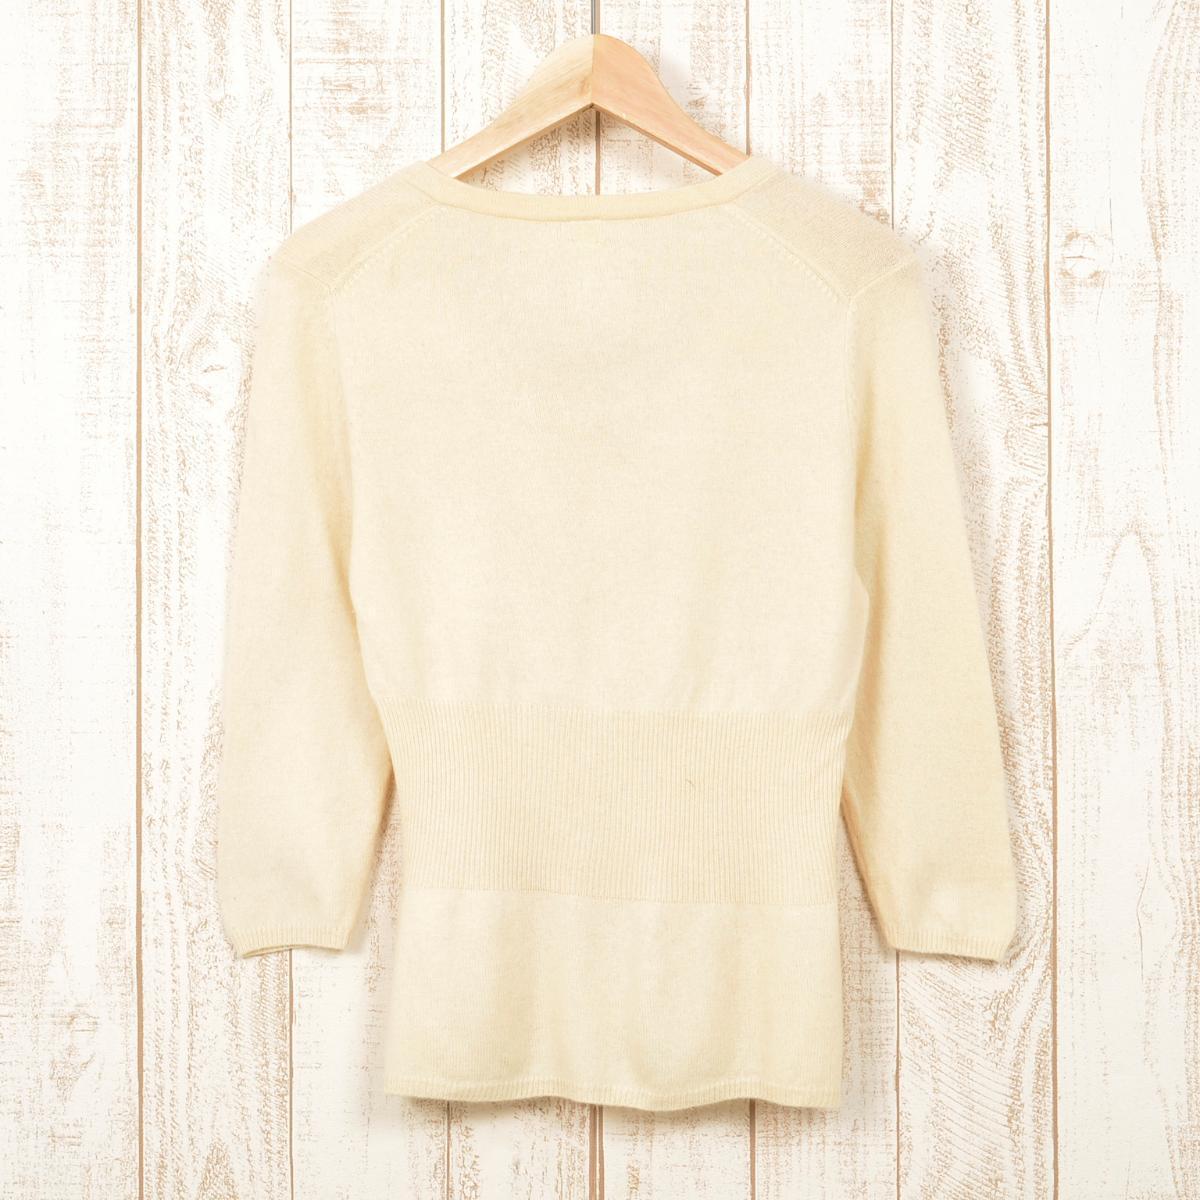 羊绒编织物♪Future Paradise羊绒100%编织物对襟毛衣/尺寸S/ne8808♪#131206